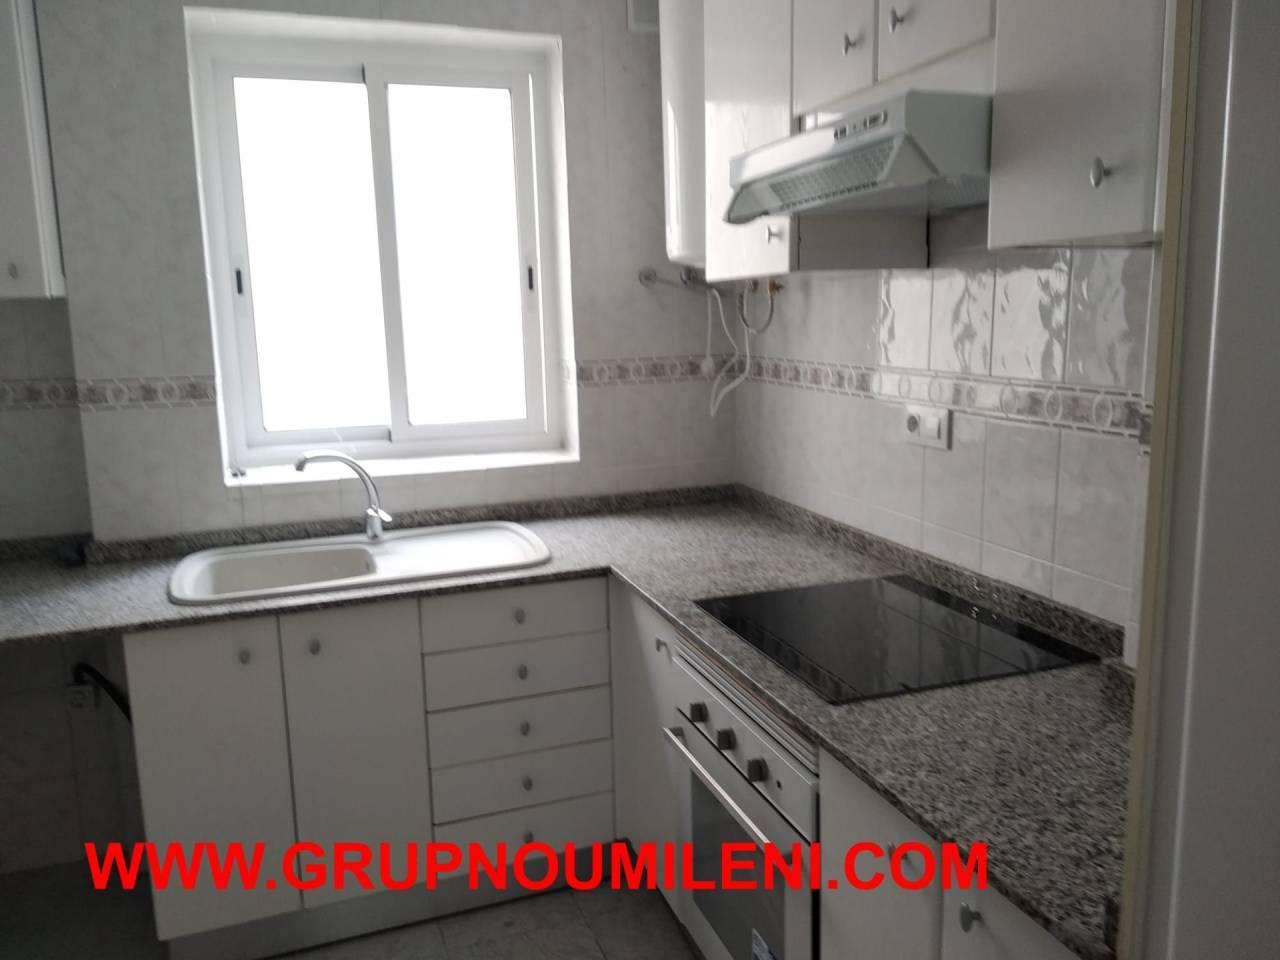 Rent Flat  Alfafar. 3º sin ascensor   superf. 54 m²,  3 habitaciones (1 doble,  2